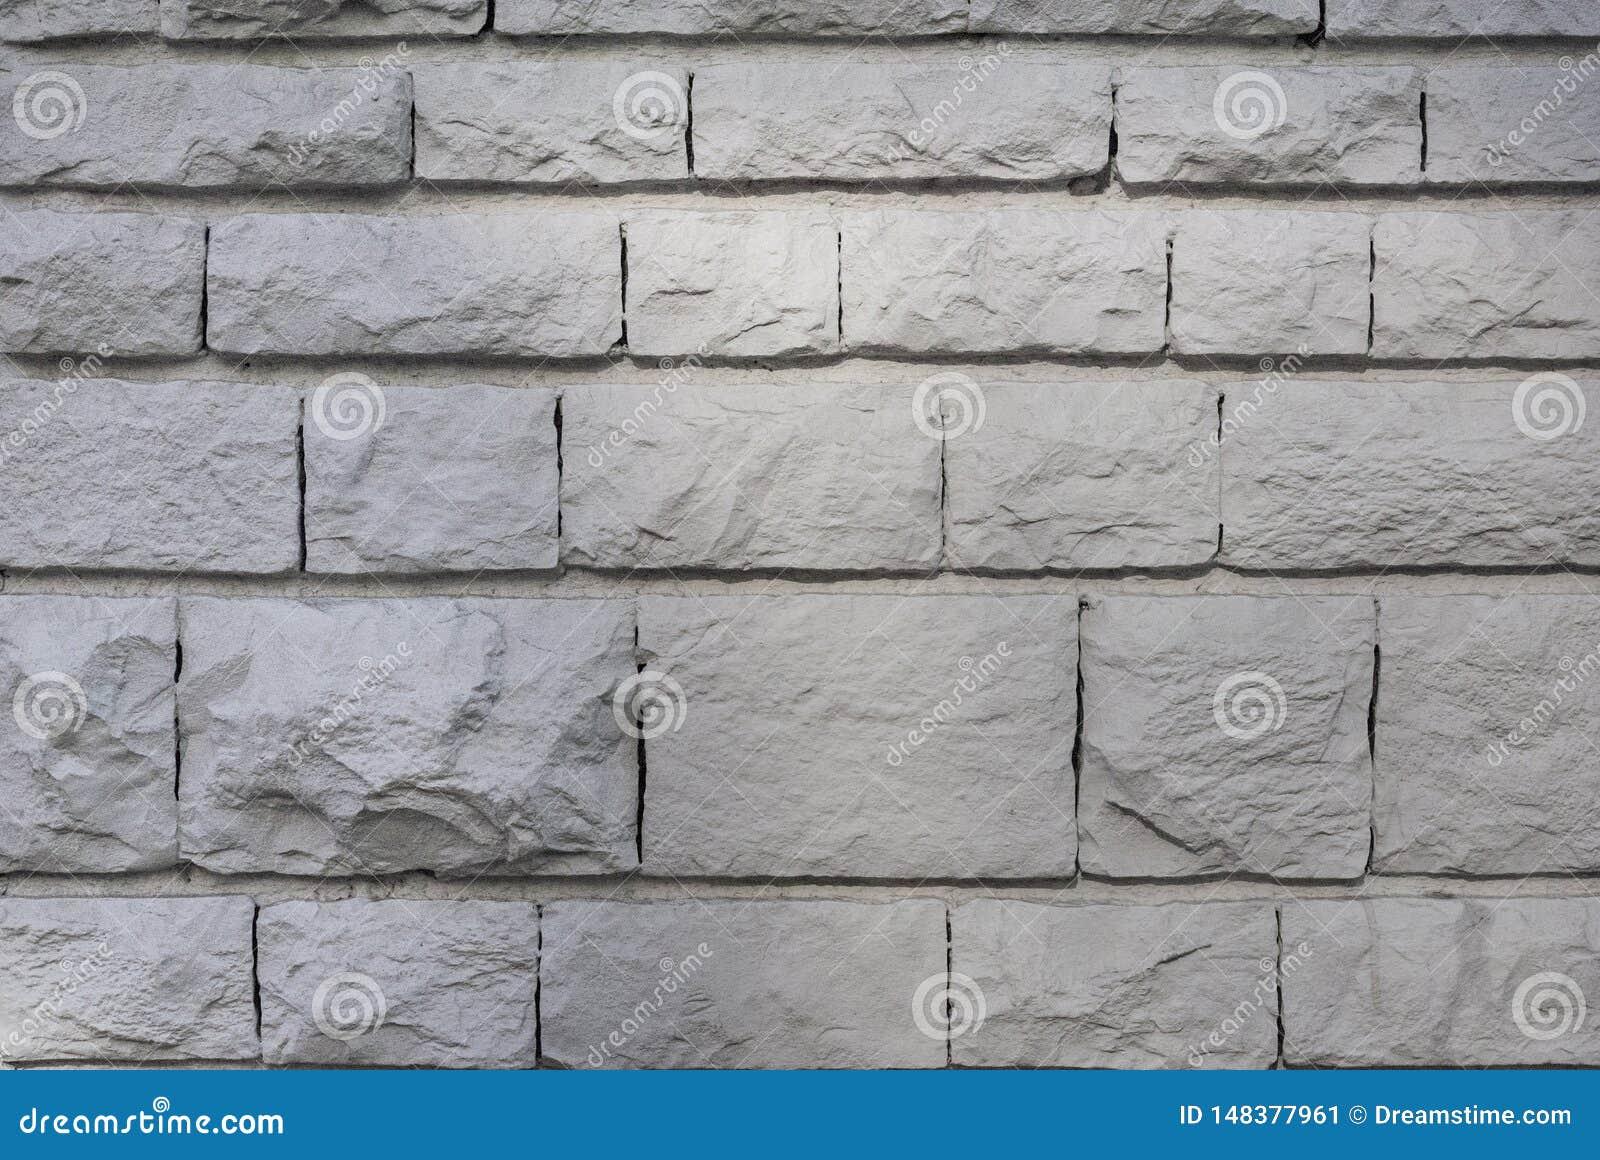 Pared de piedra cortada vieja, textura hermosa del fondo